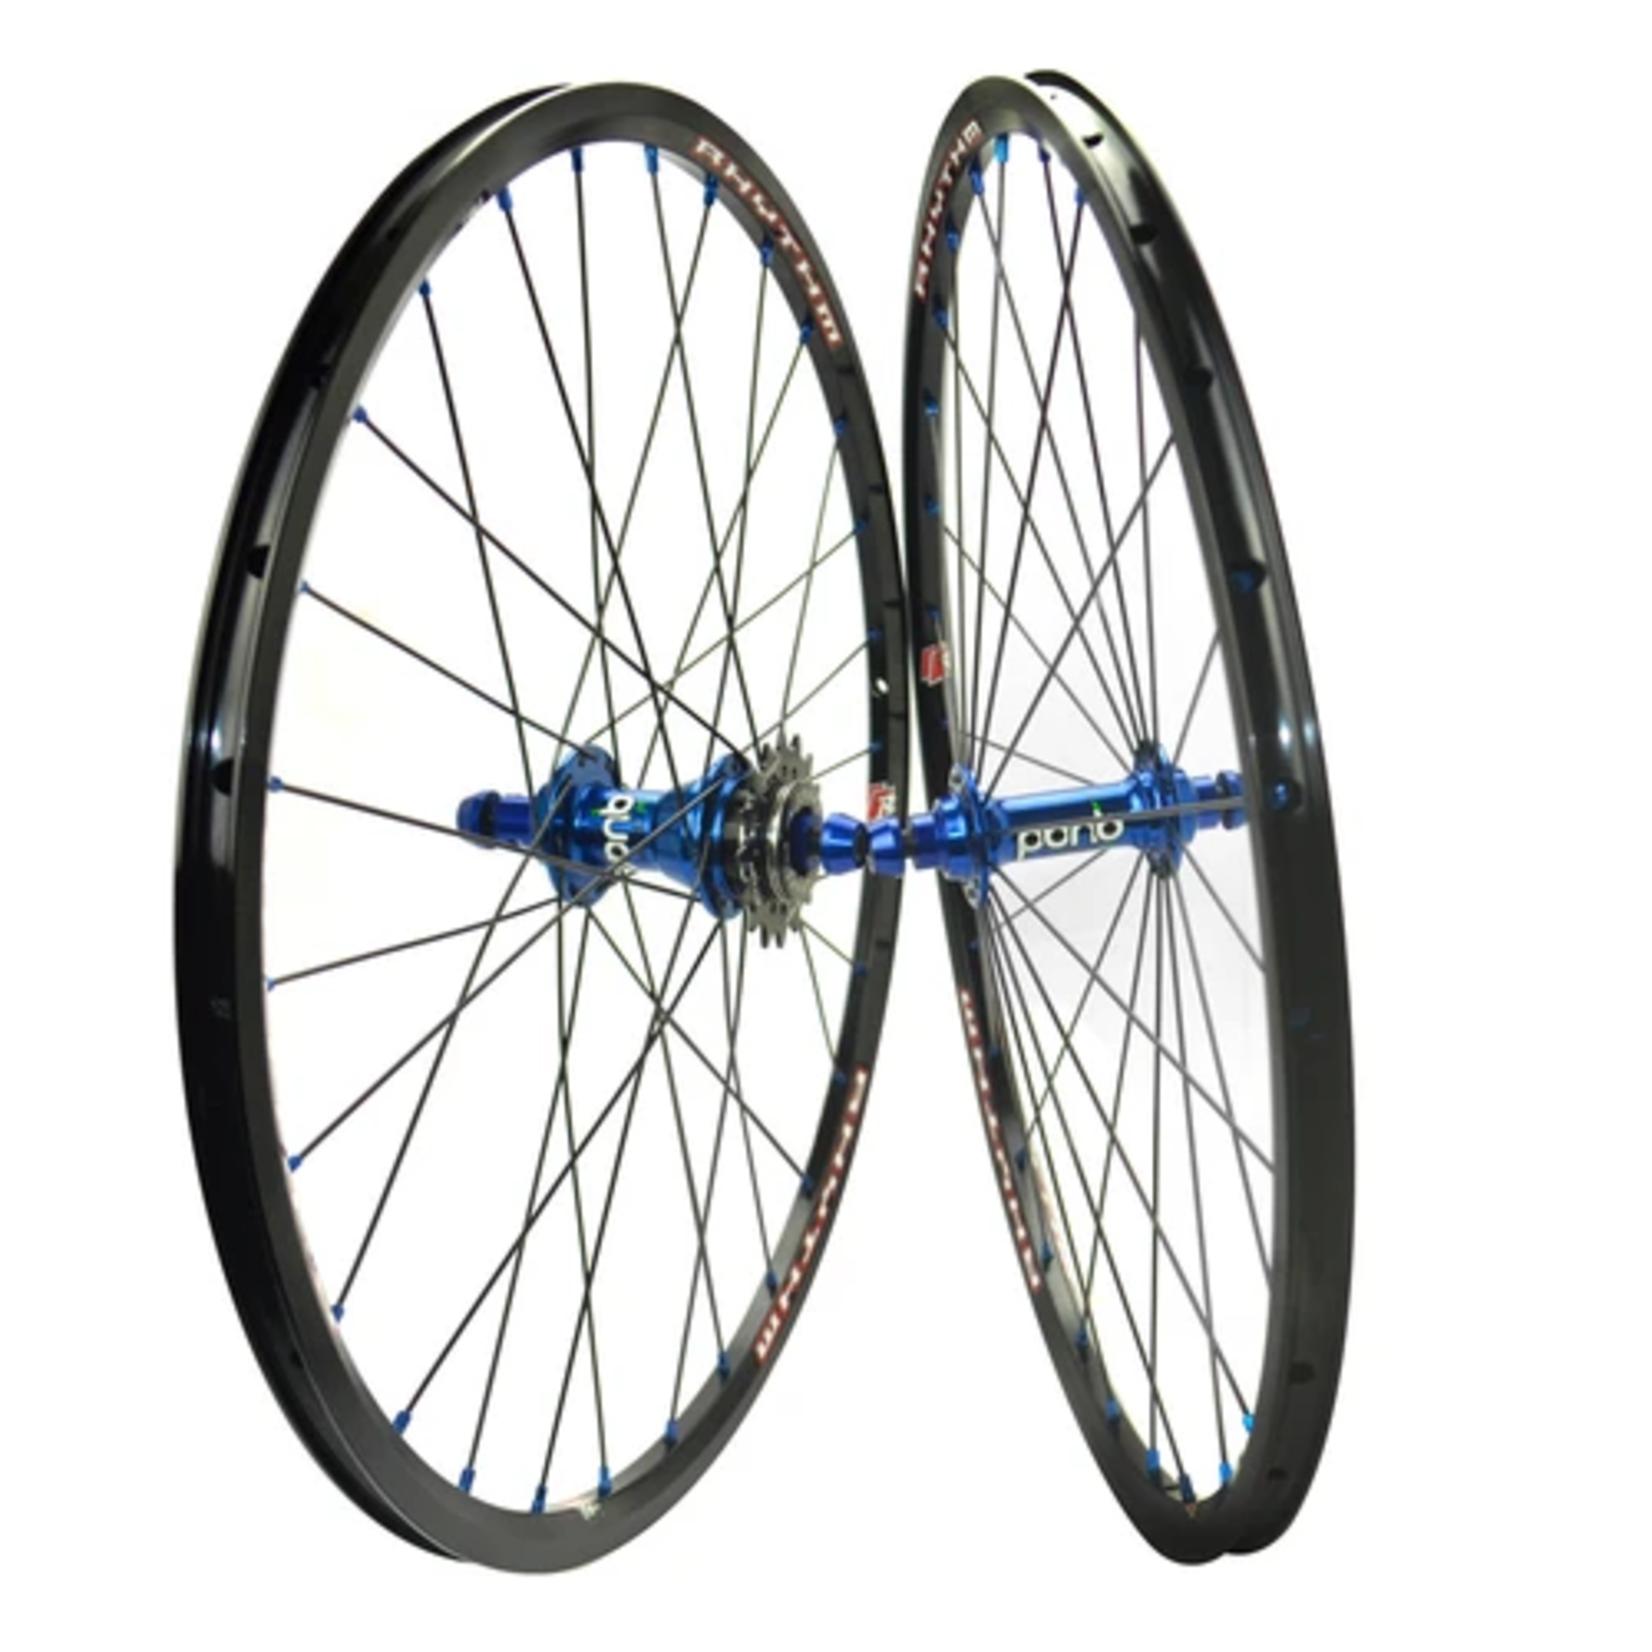 Crupi Crupi Mini Wheelset 20x1.1/8 Black/Blue